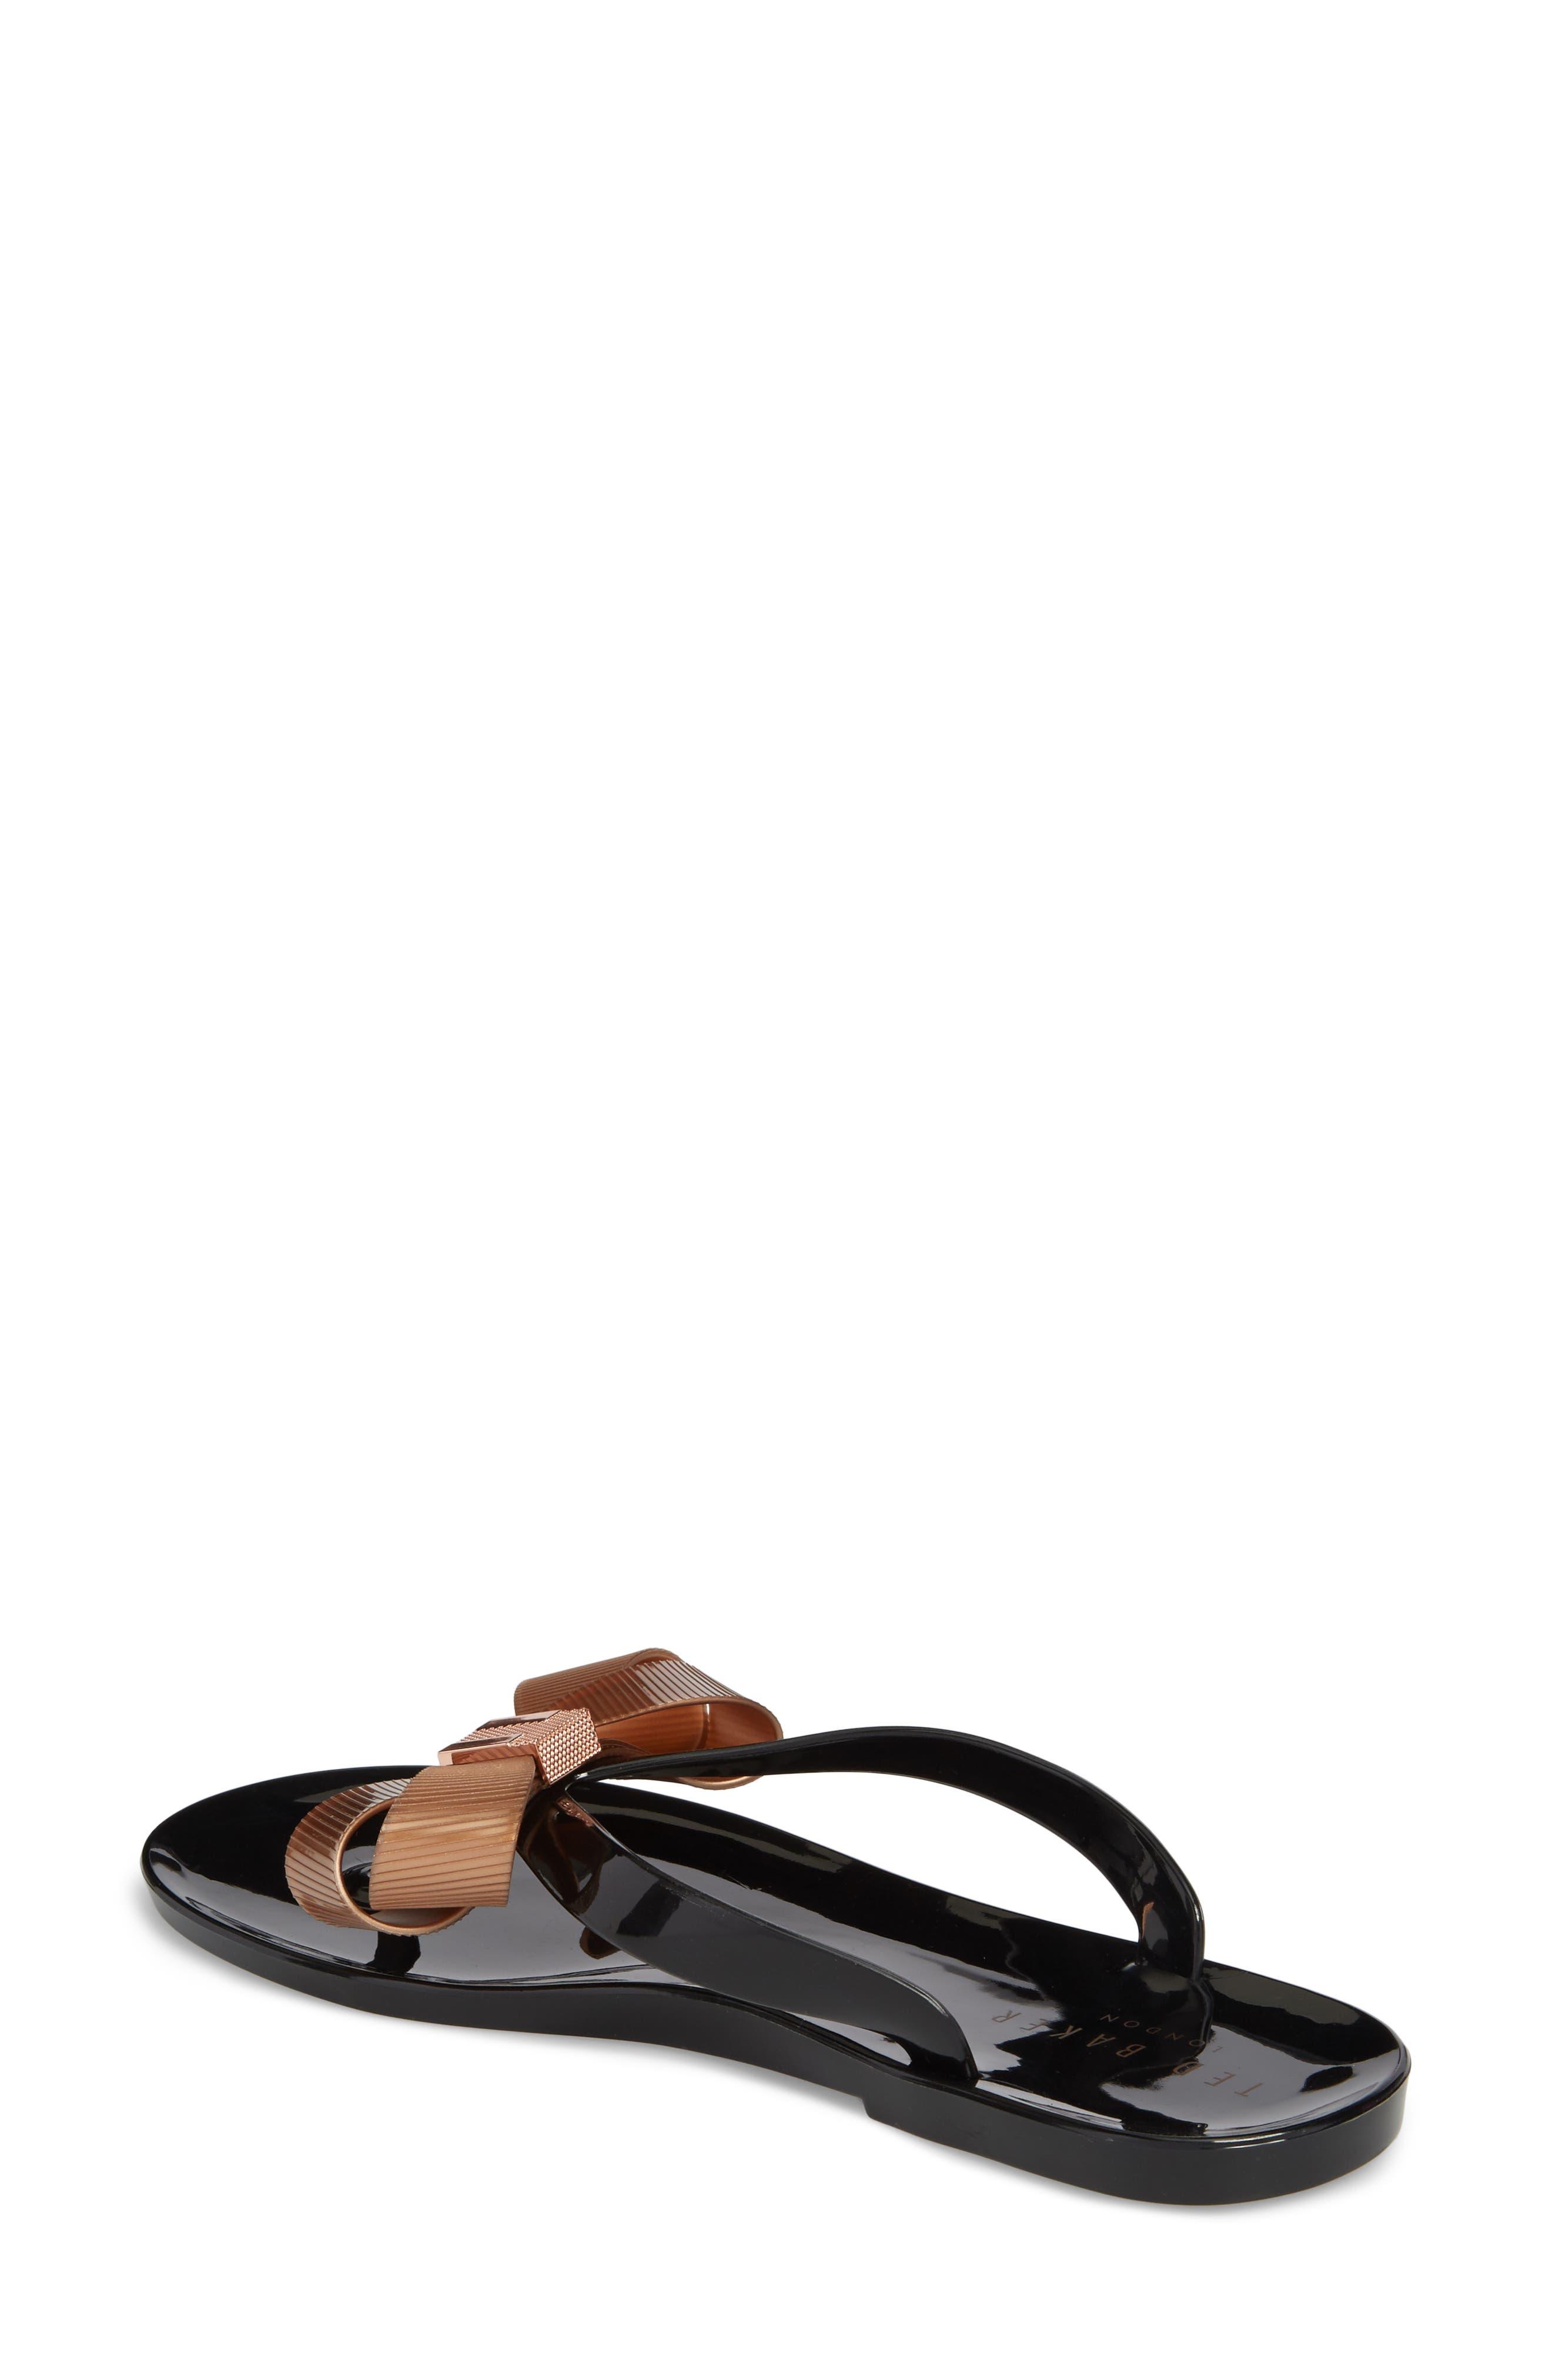 4e7ab9b7c Ted Baker London Flip-Flops   Sandals for Women